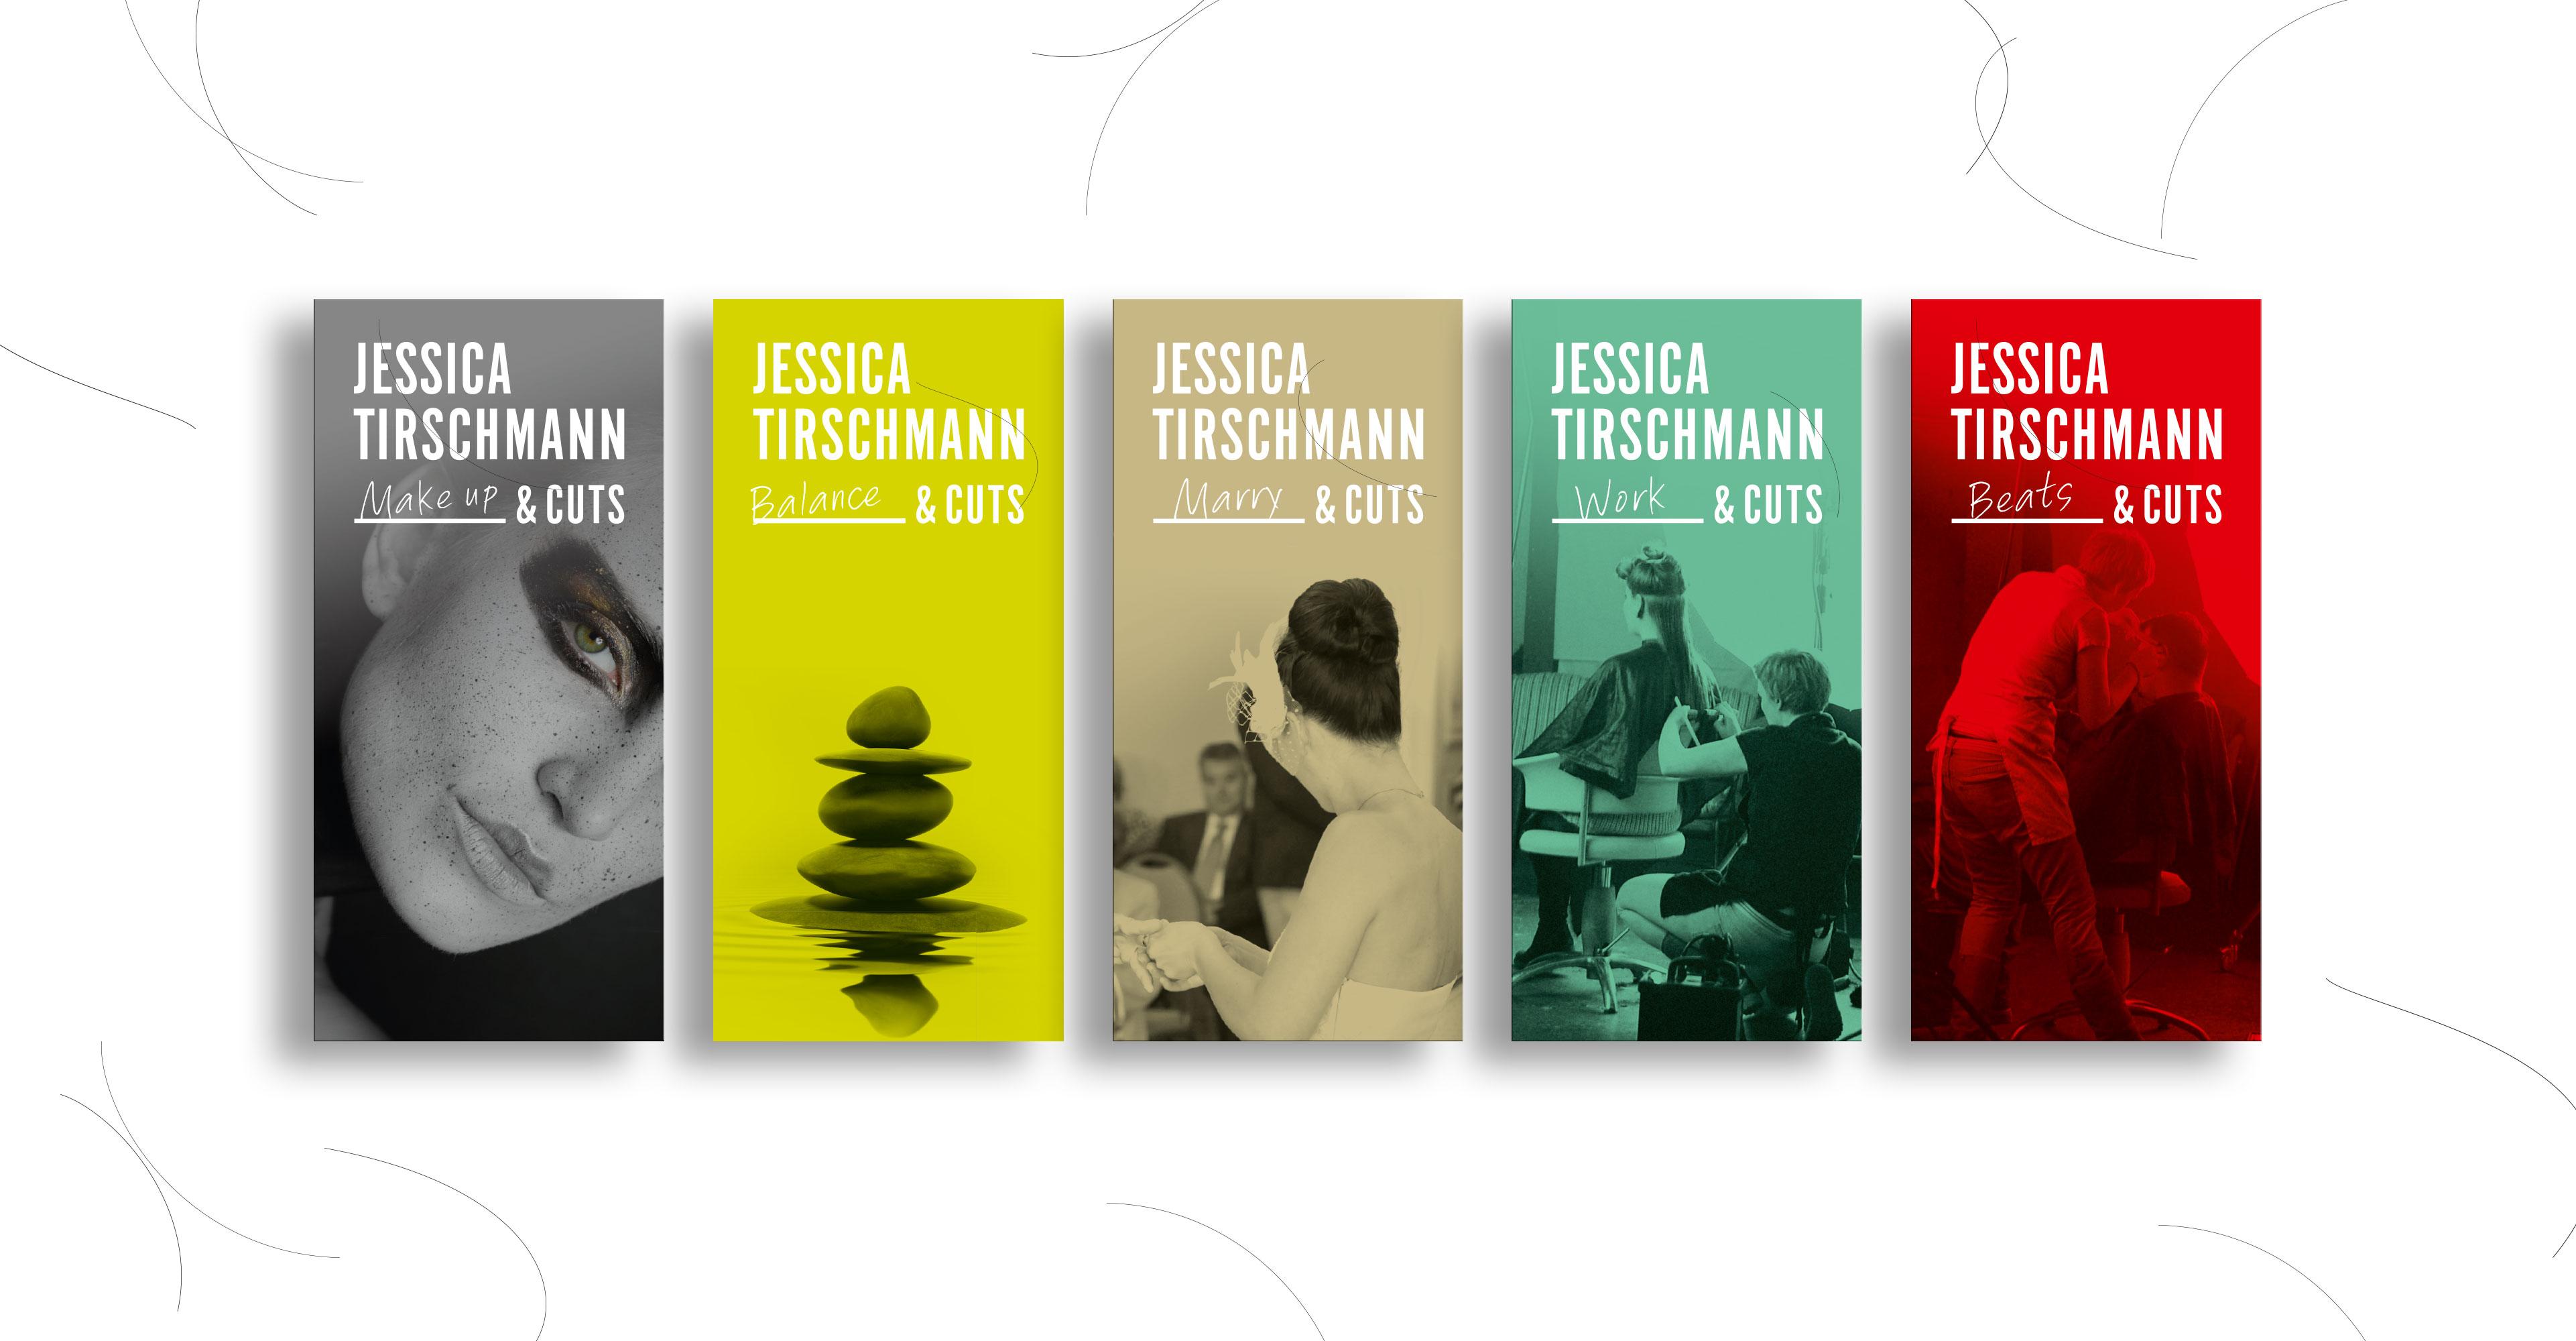 Jessica Tirschmann